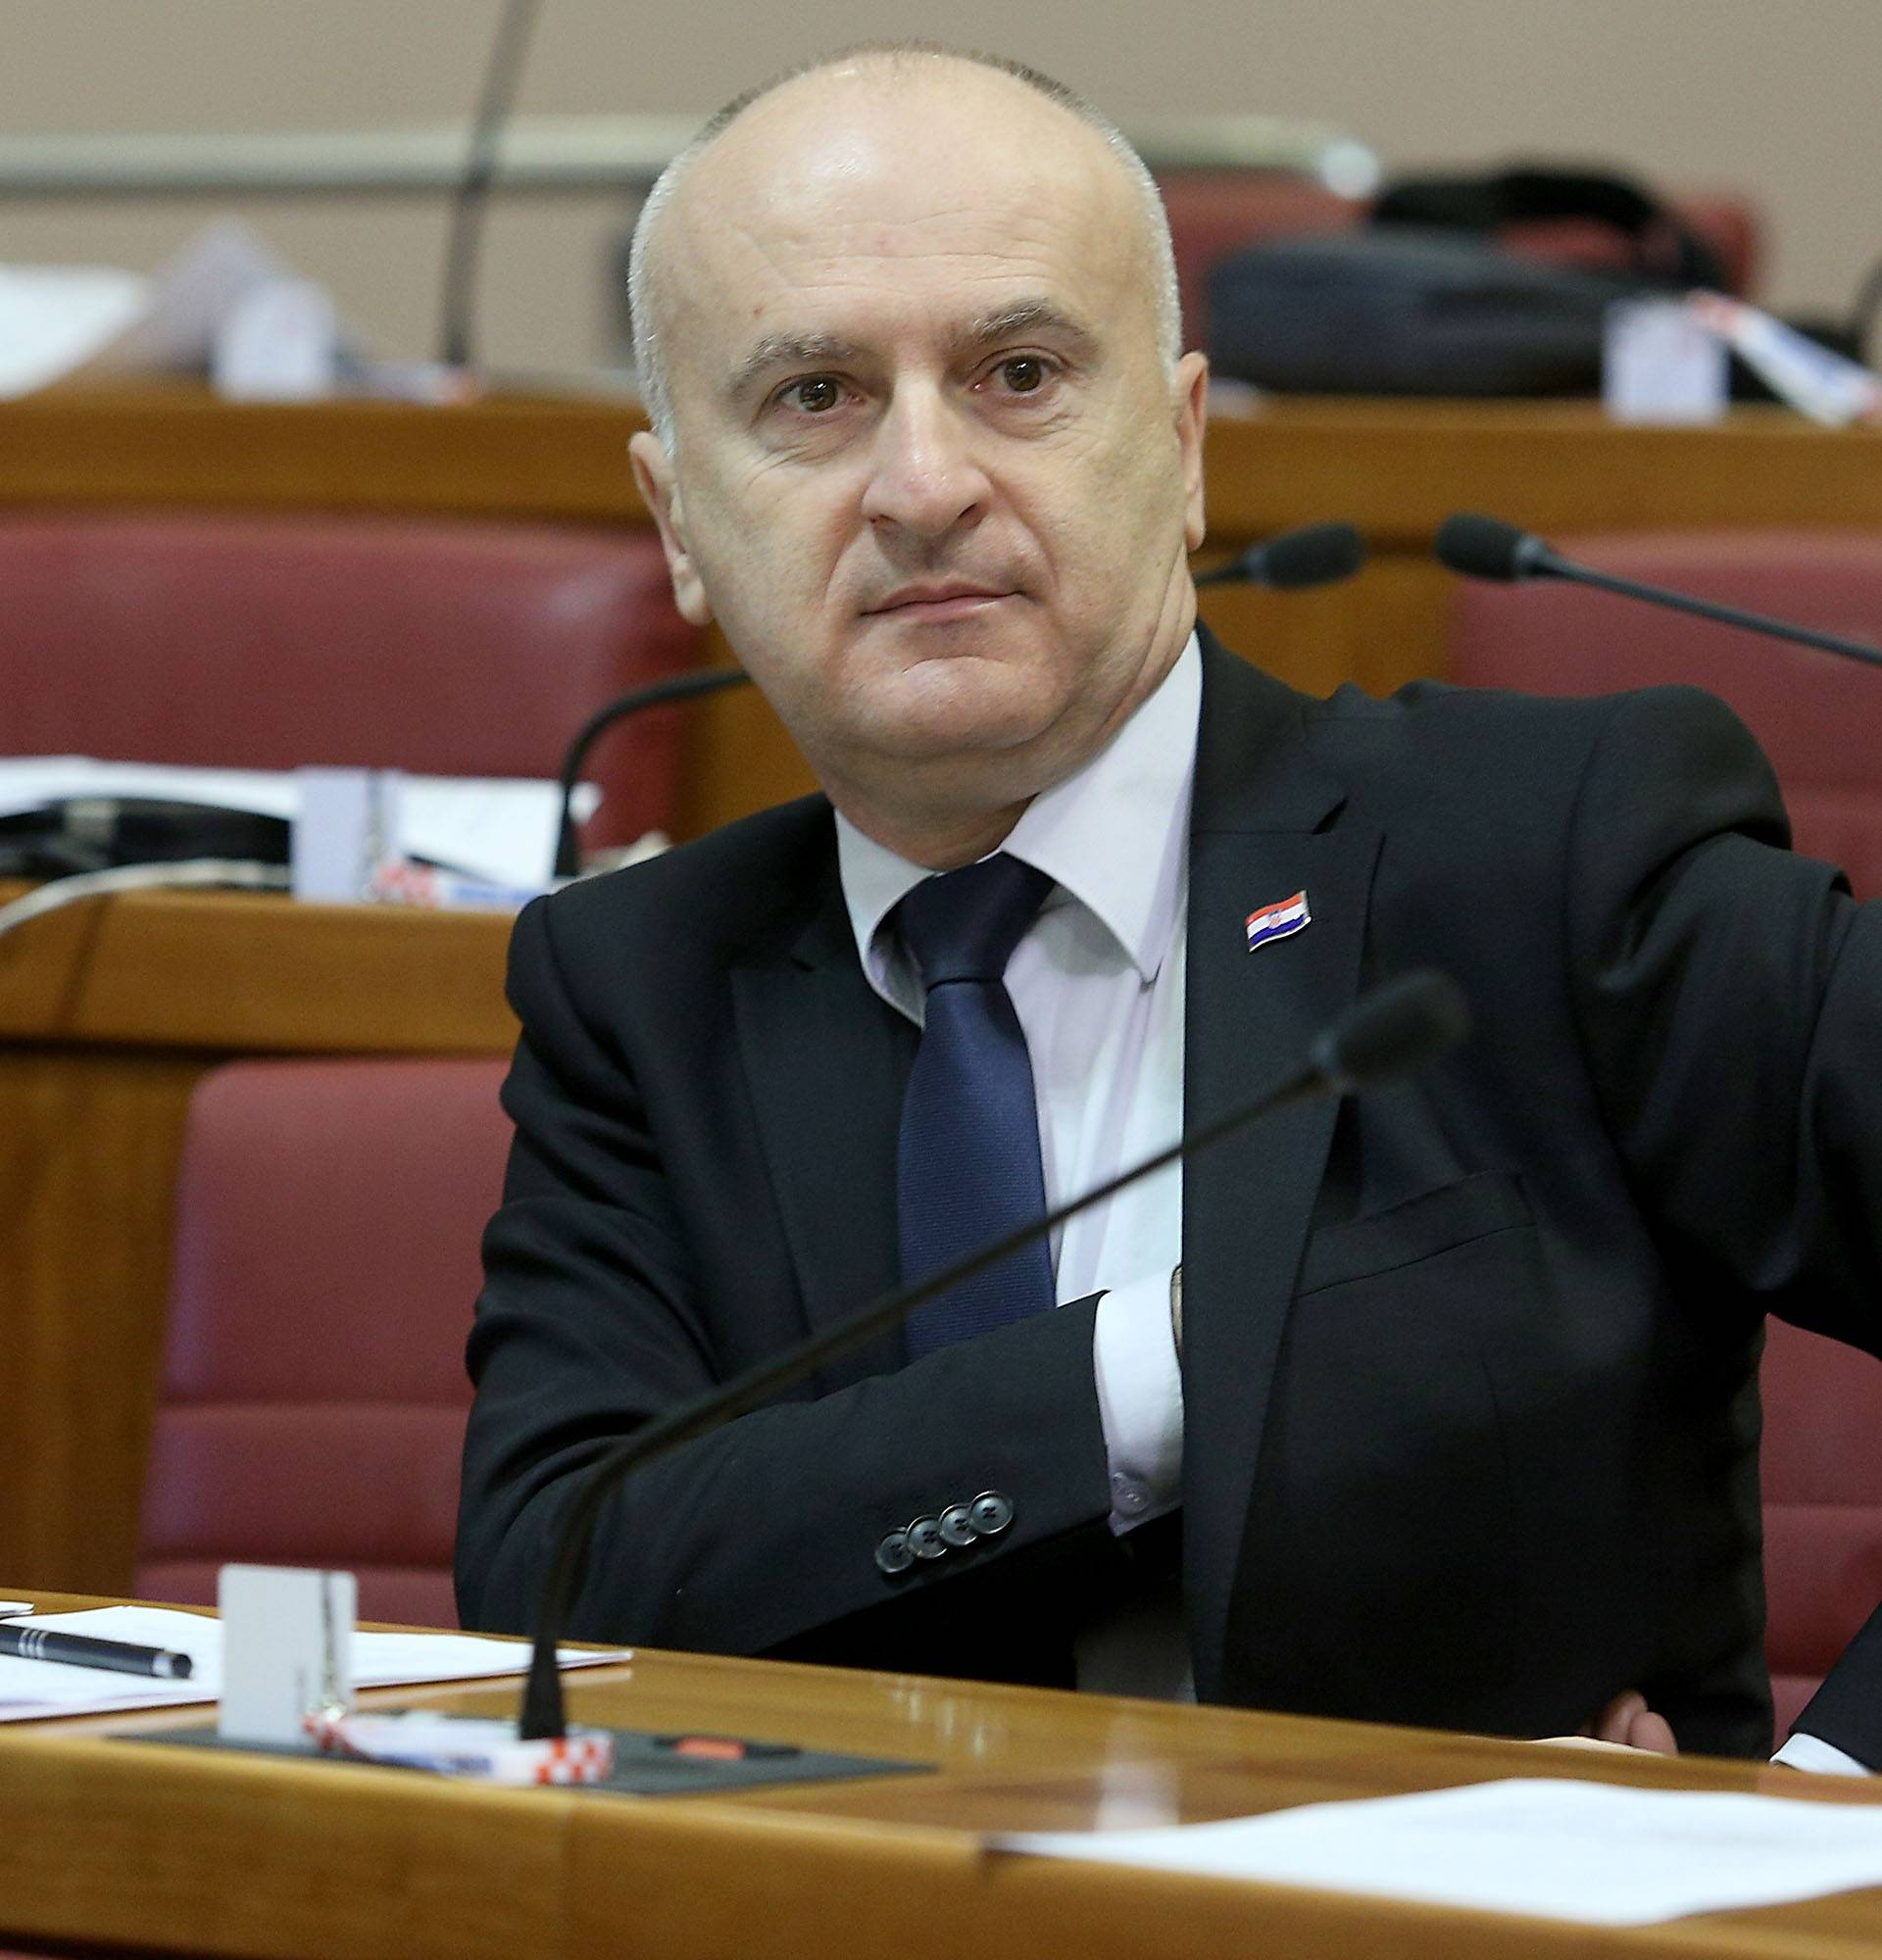 'Milanović u 15 minuta rekao više nego Kolinda u 4 godine'